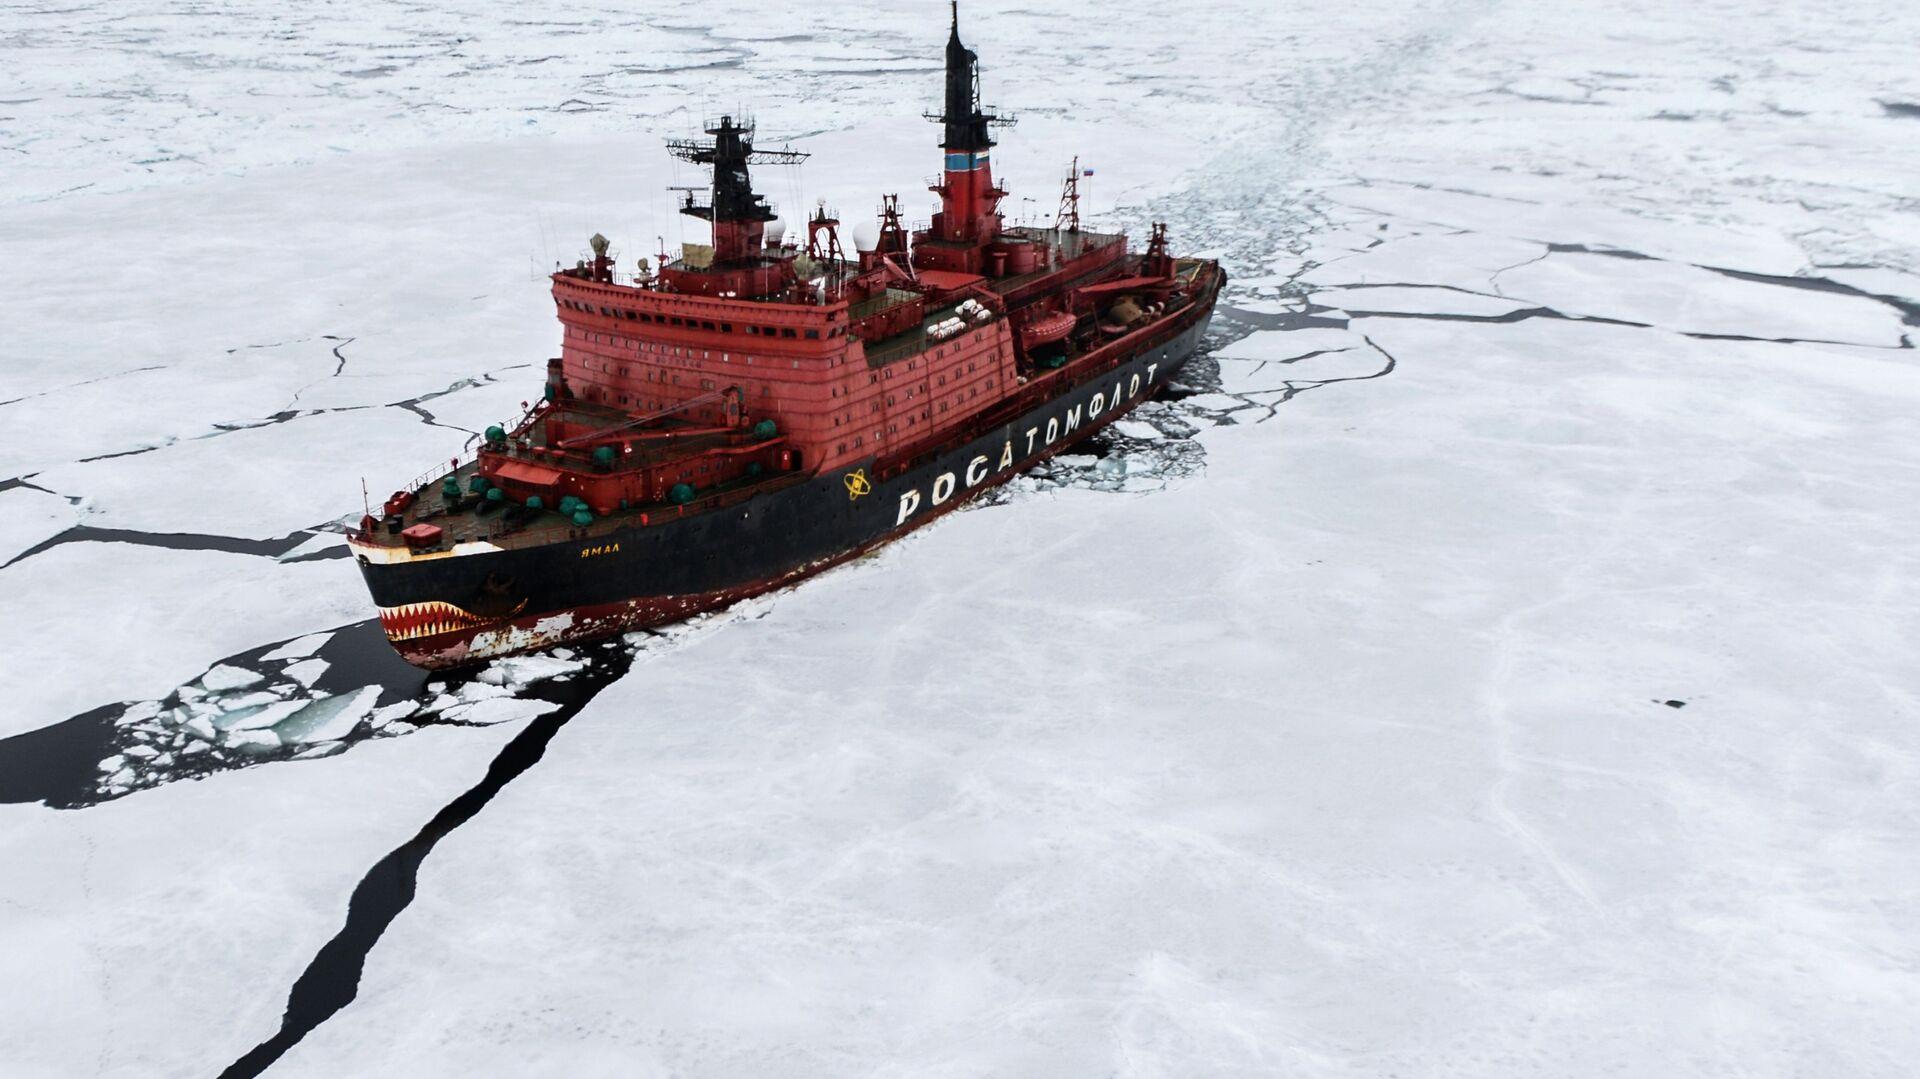 Lodołamacz atomowy Jamał podczas prac badawczych na Morzu Karskim w ramach ekspedycji arktycznej Kara-Zima 2015 - Sputnik Polska, 1920, 02.09.2021